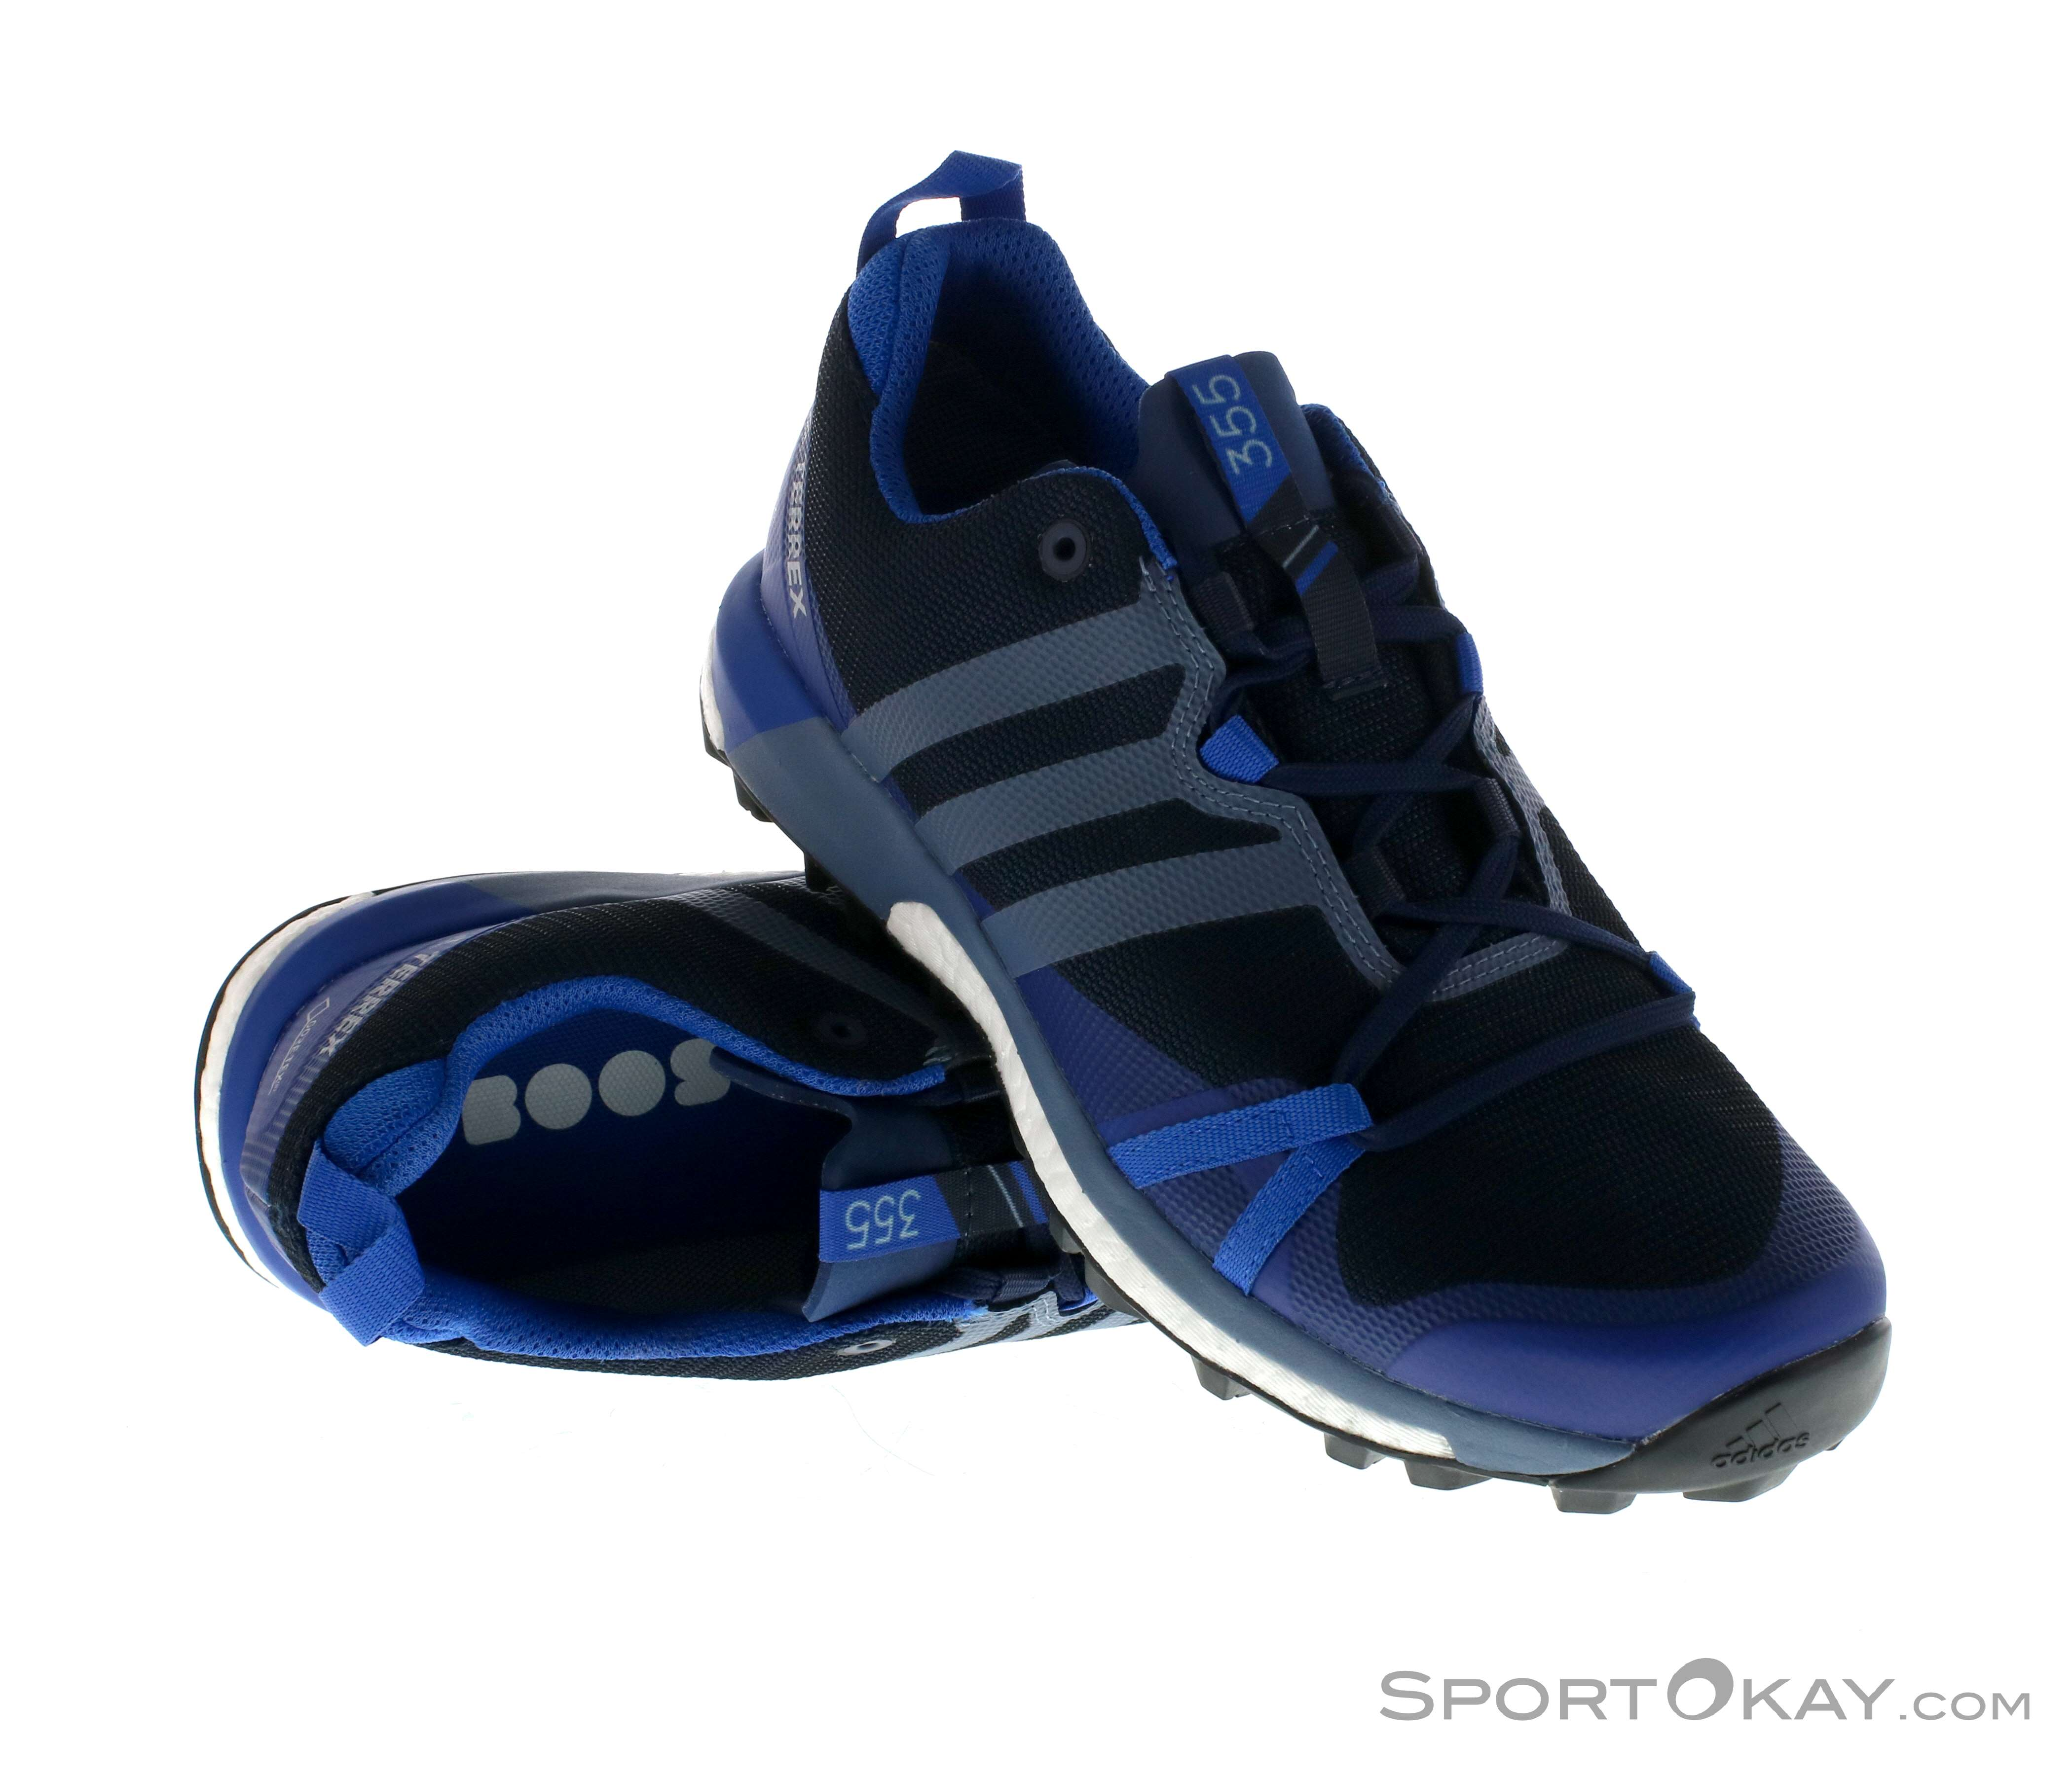 aae920b858ce7 adidas Terrex Agravic GTX Mens Trail Running Shoes Gore-Tex, adidas, Blue,